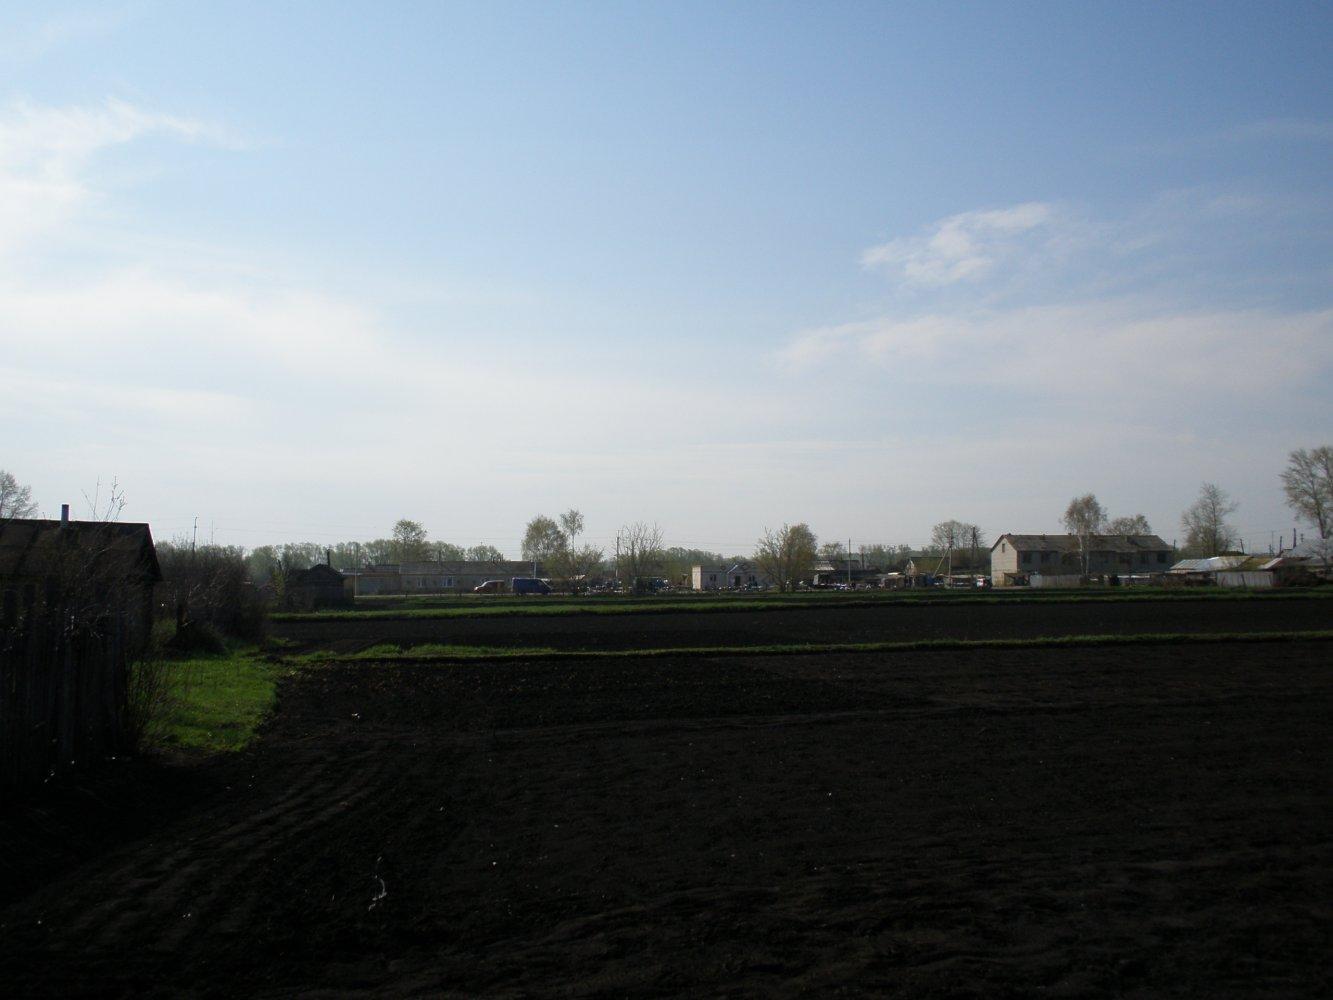 Фото P5093000.JPG. Россия, Ульяновская область, Белозерье, Р178